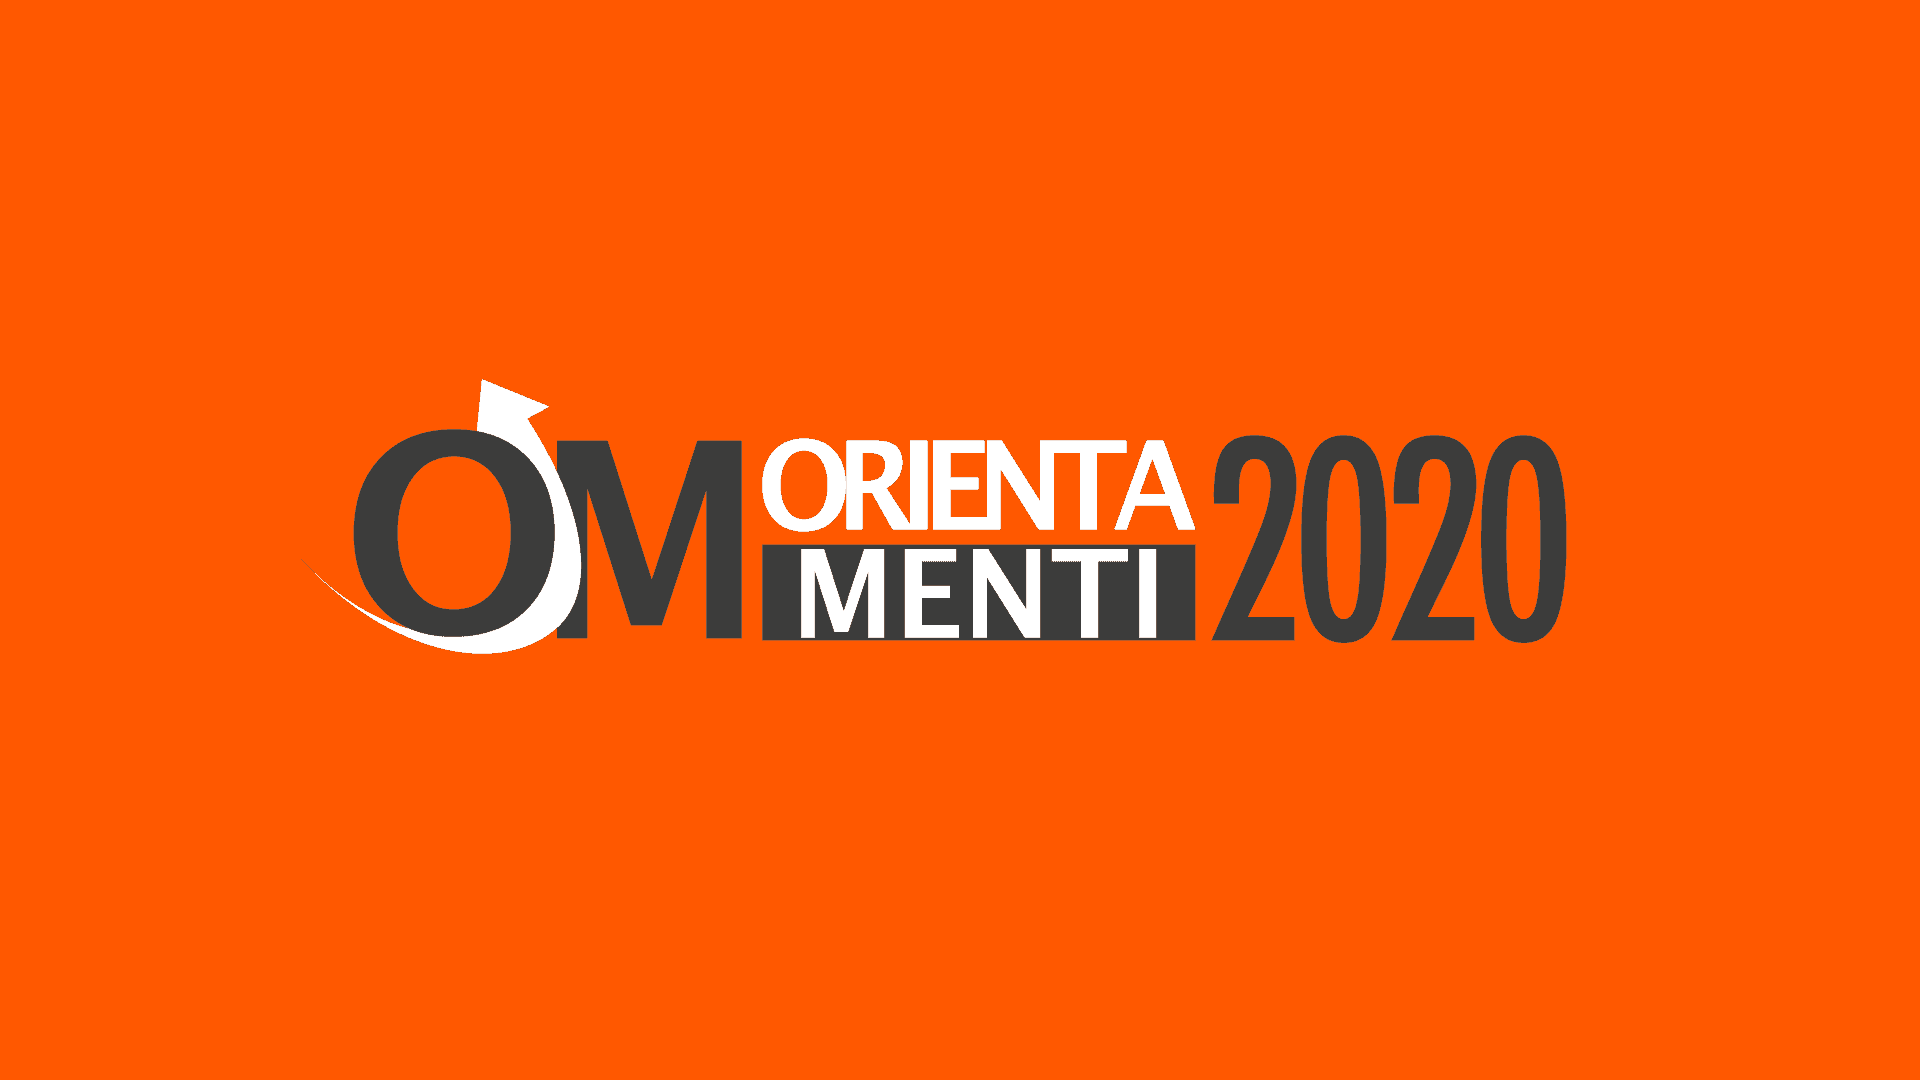 Orientamenti-logo-blog-cover